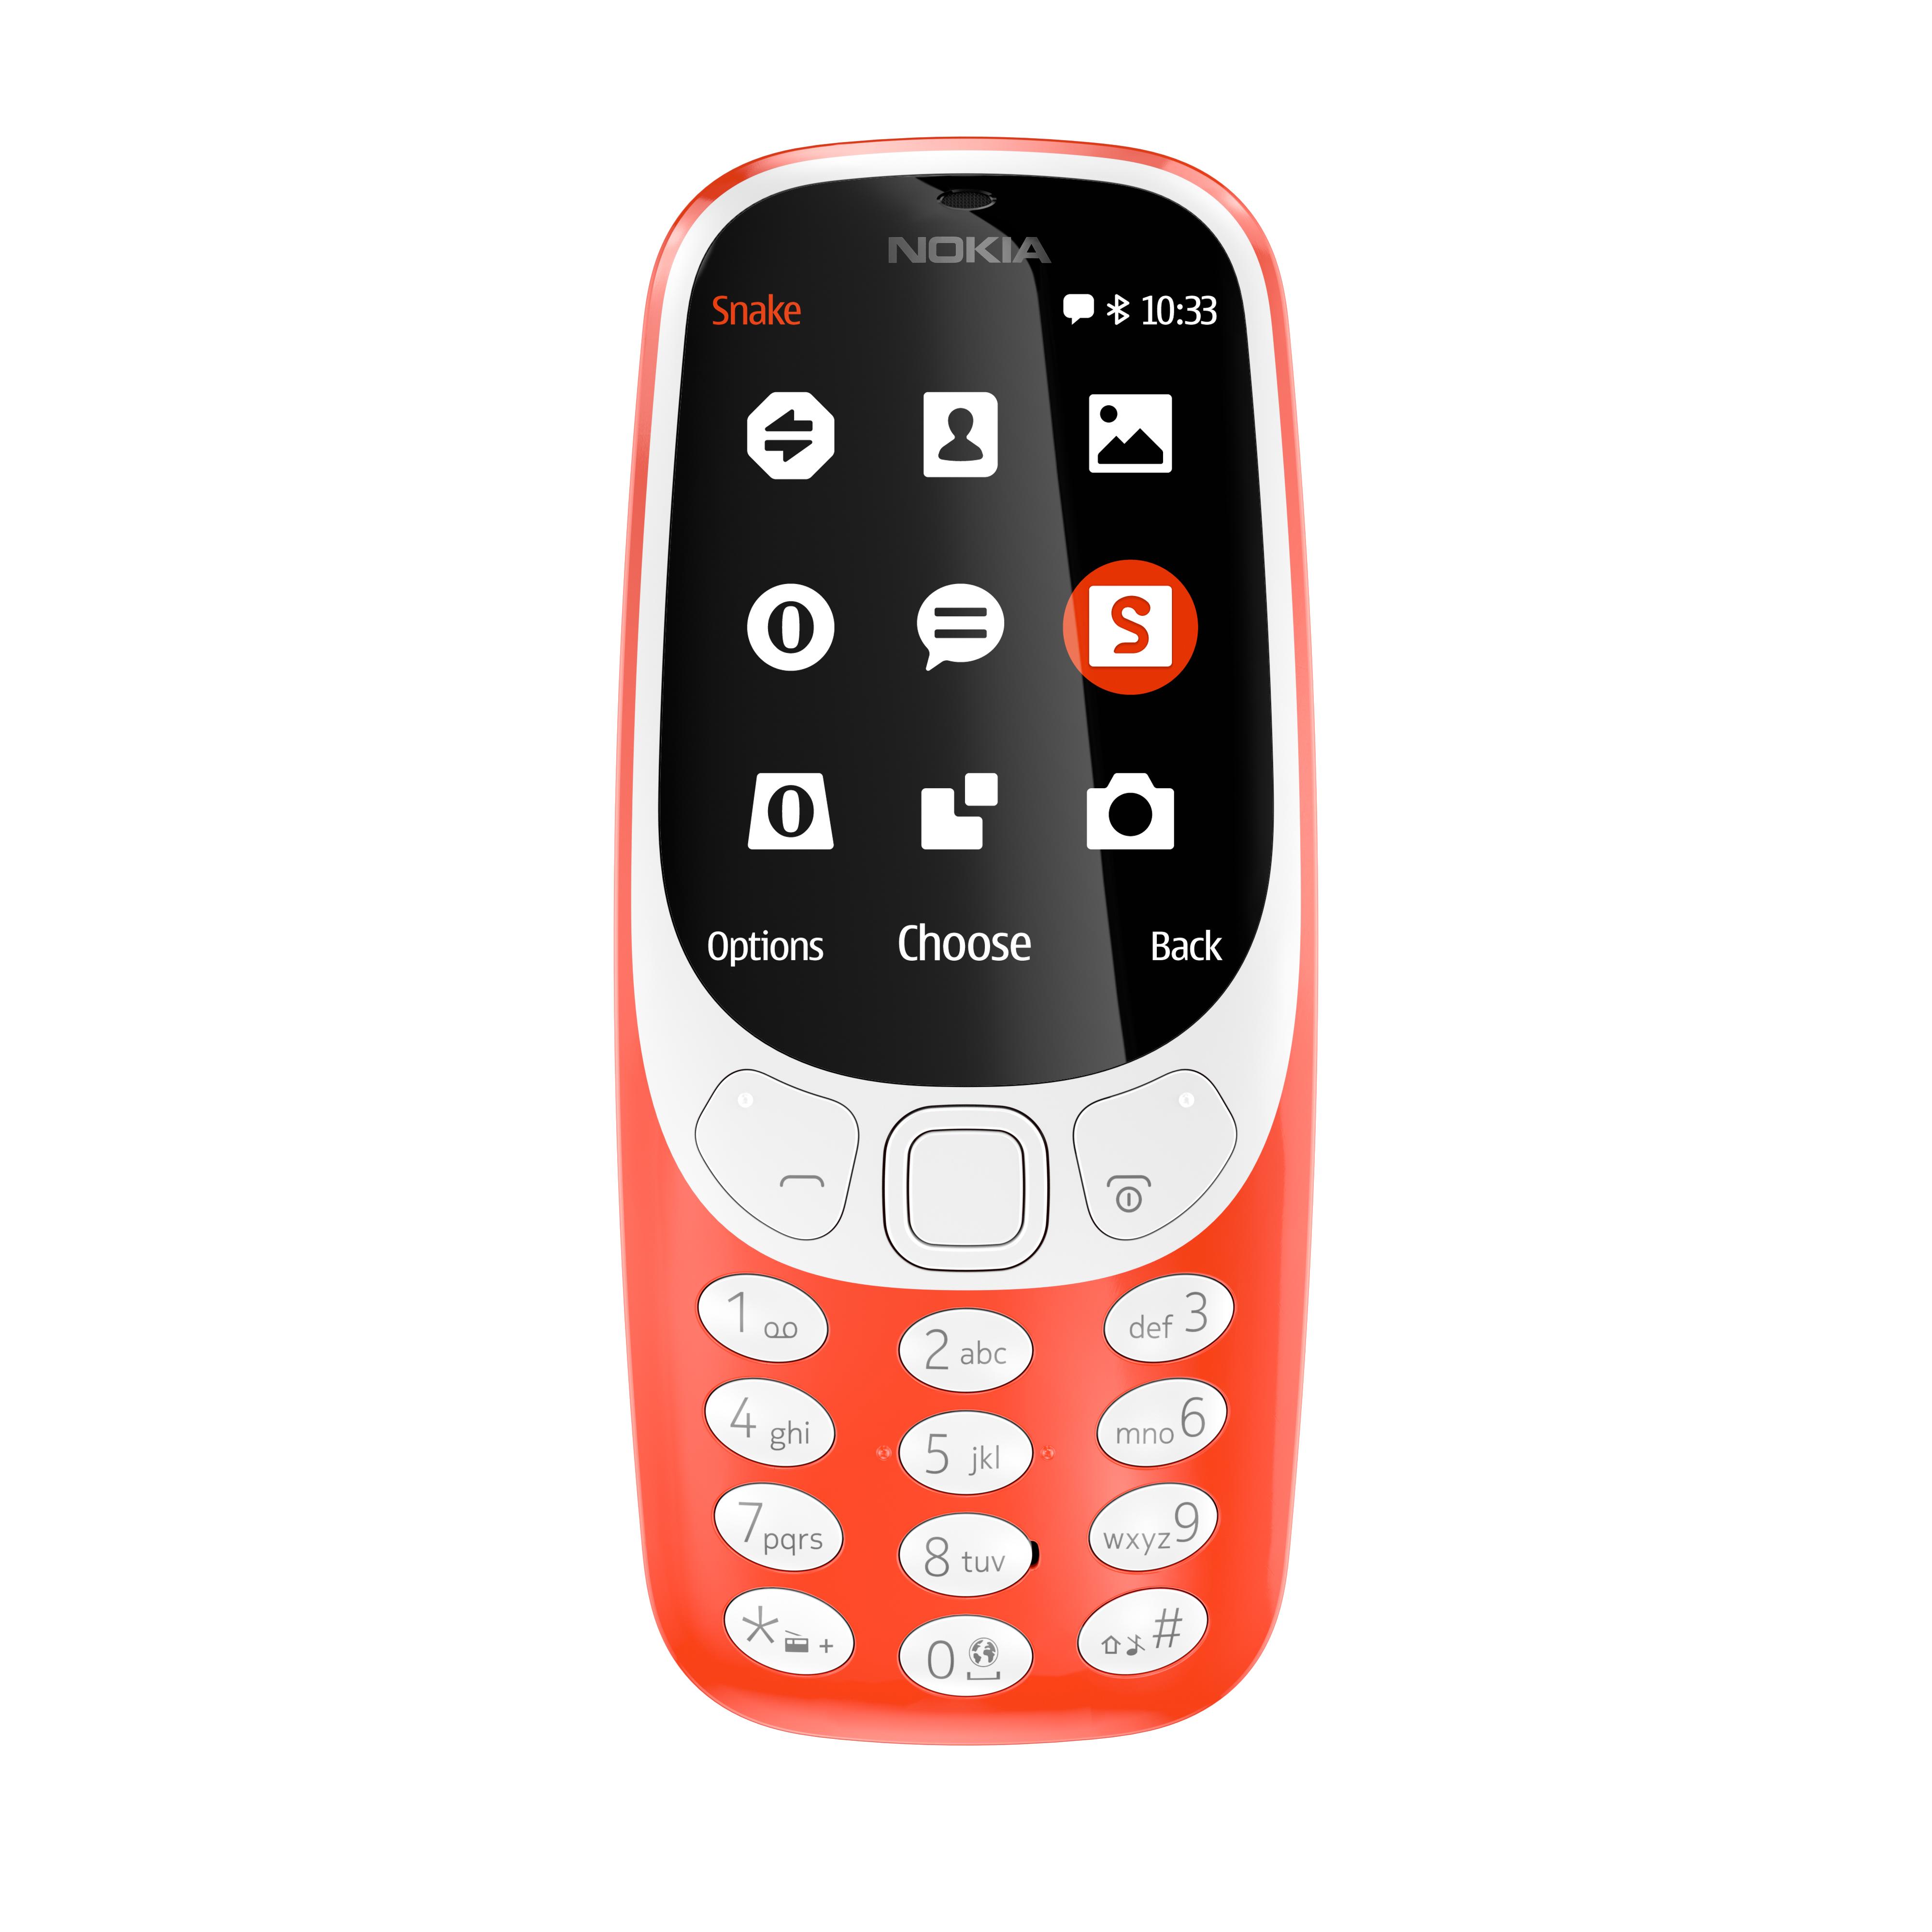 Handy-Klassiker: HMD Global bringt das Nokia 3310 zurück - Das neue Nokia 3310 (Bild: HMD Global)